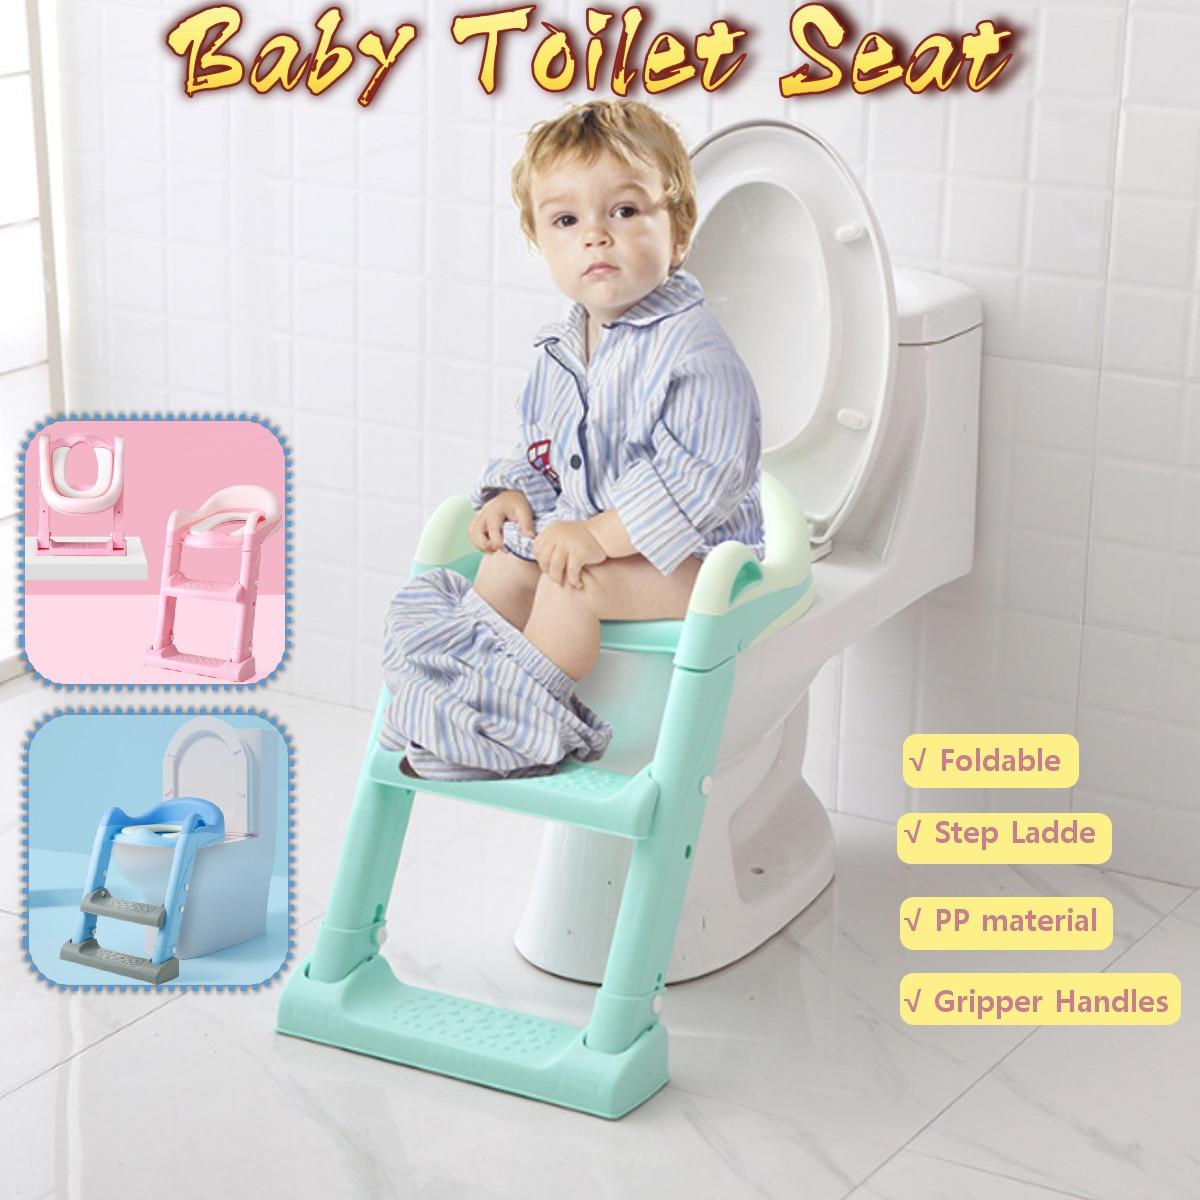 Складной Детский горшок для младенцев, детский унитаз, тренировочное сиденье с регулируемой лестницей, портативный писсуар, тренировочные